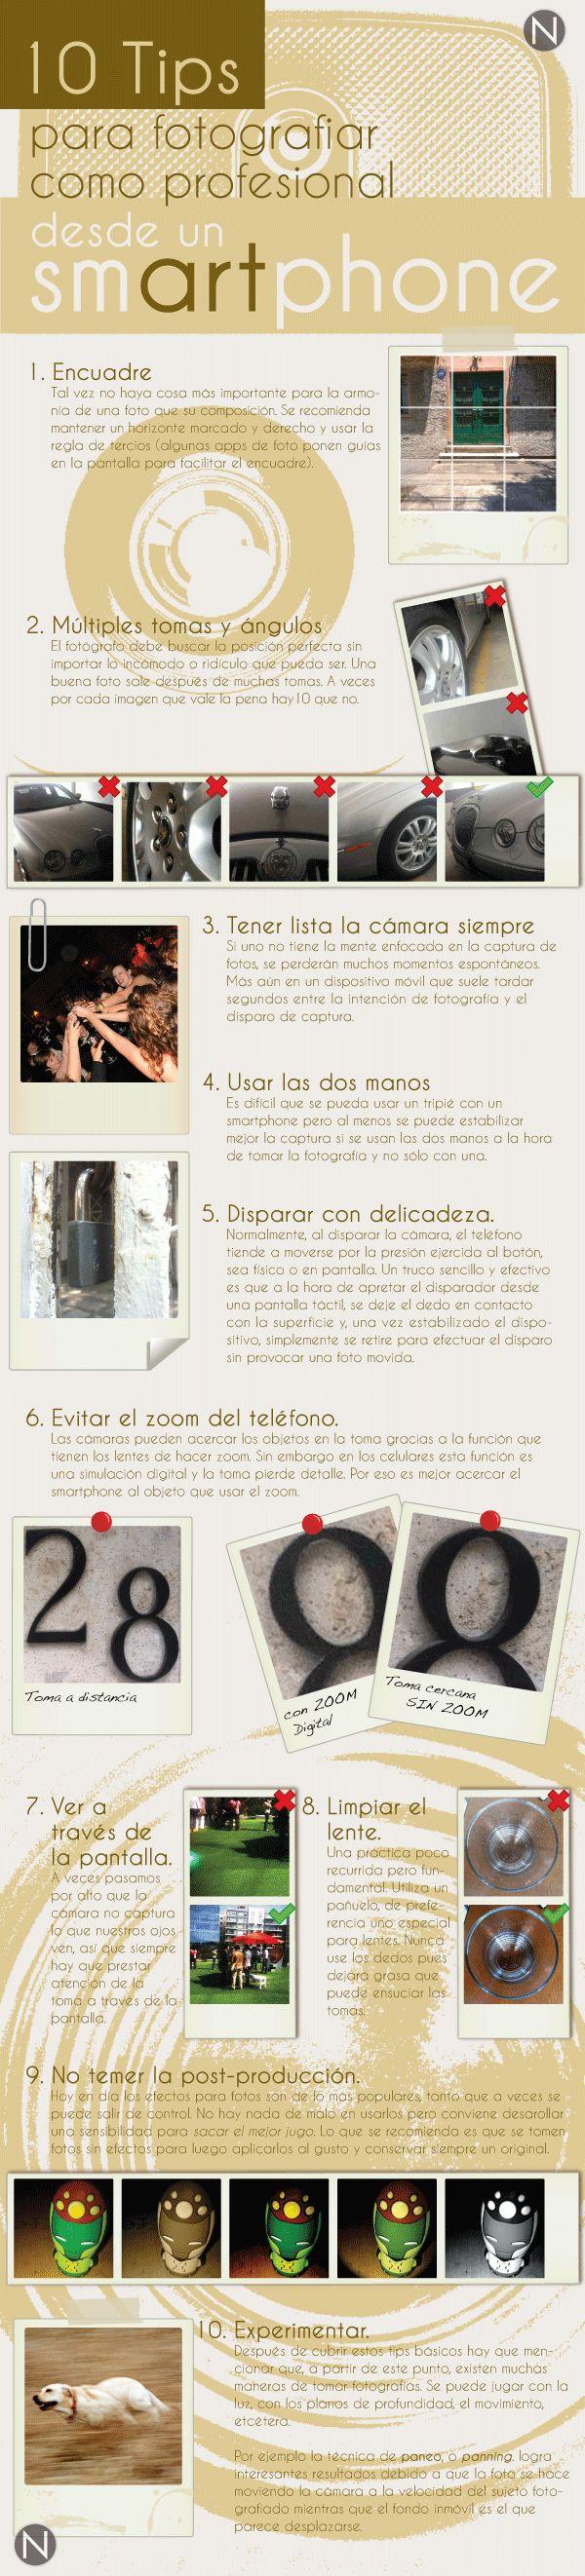 10 consejos para hacer fotografías con tu teléfono. #infografia #infographic #design